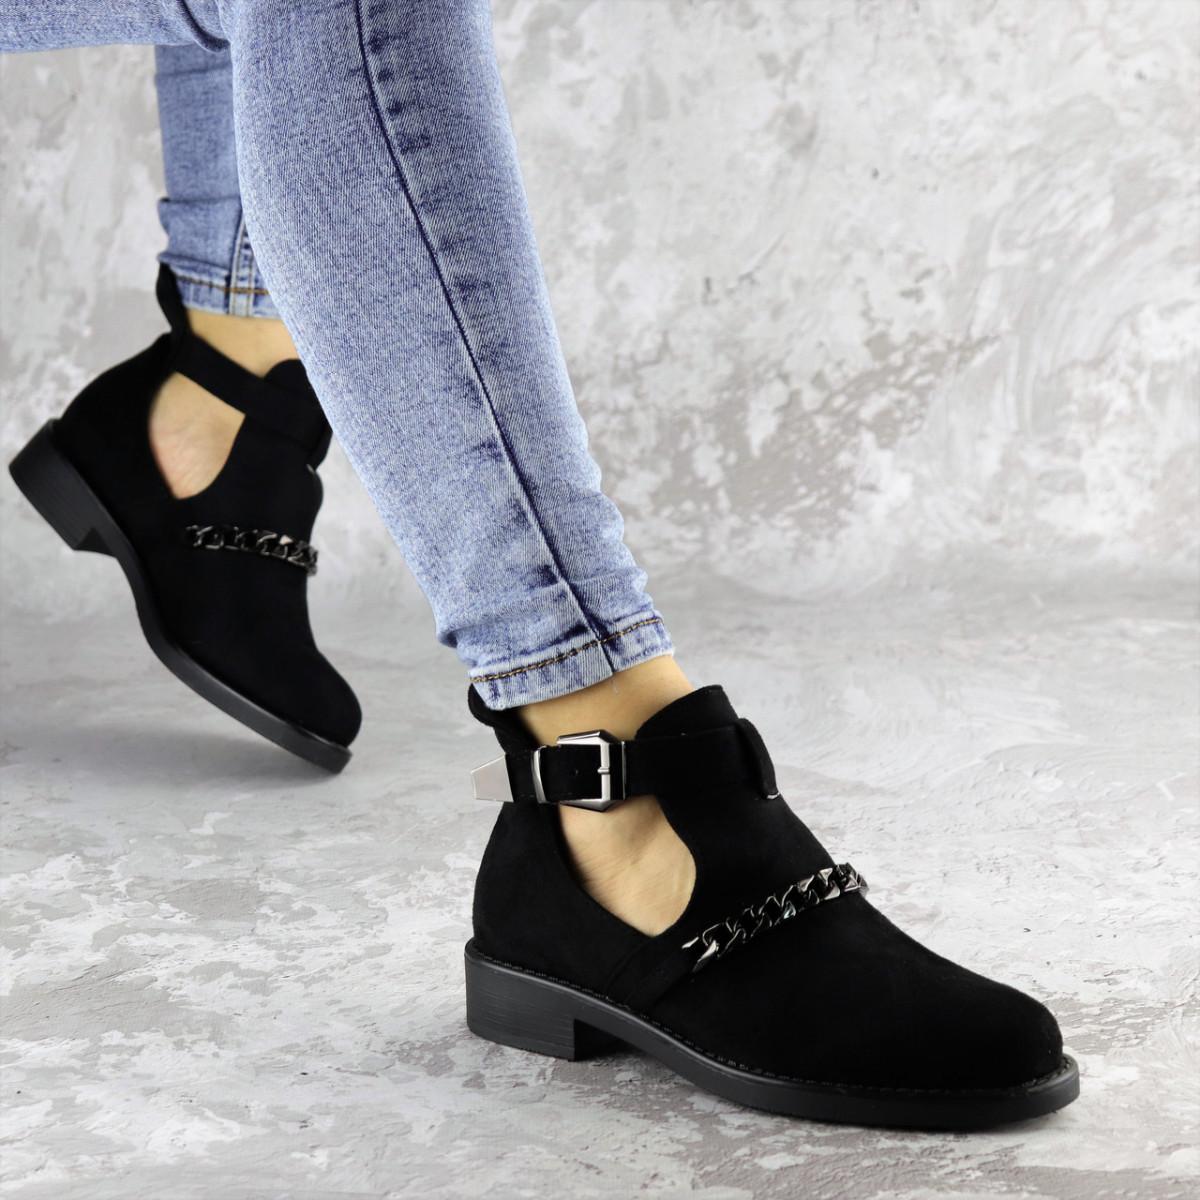 Ботиночки женские черные Jean 1261 (36 размер)